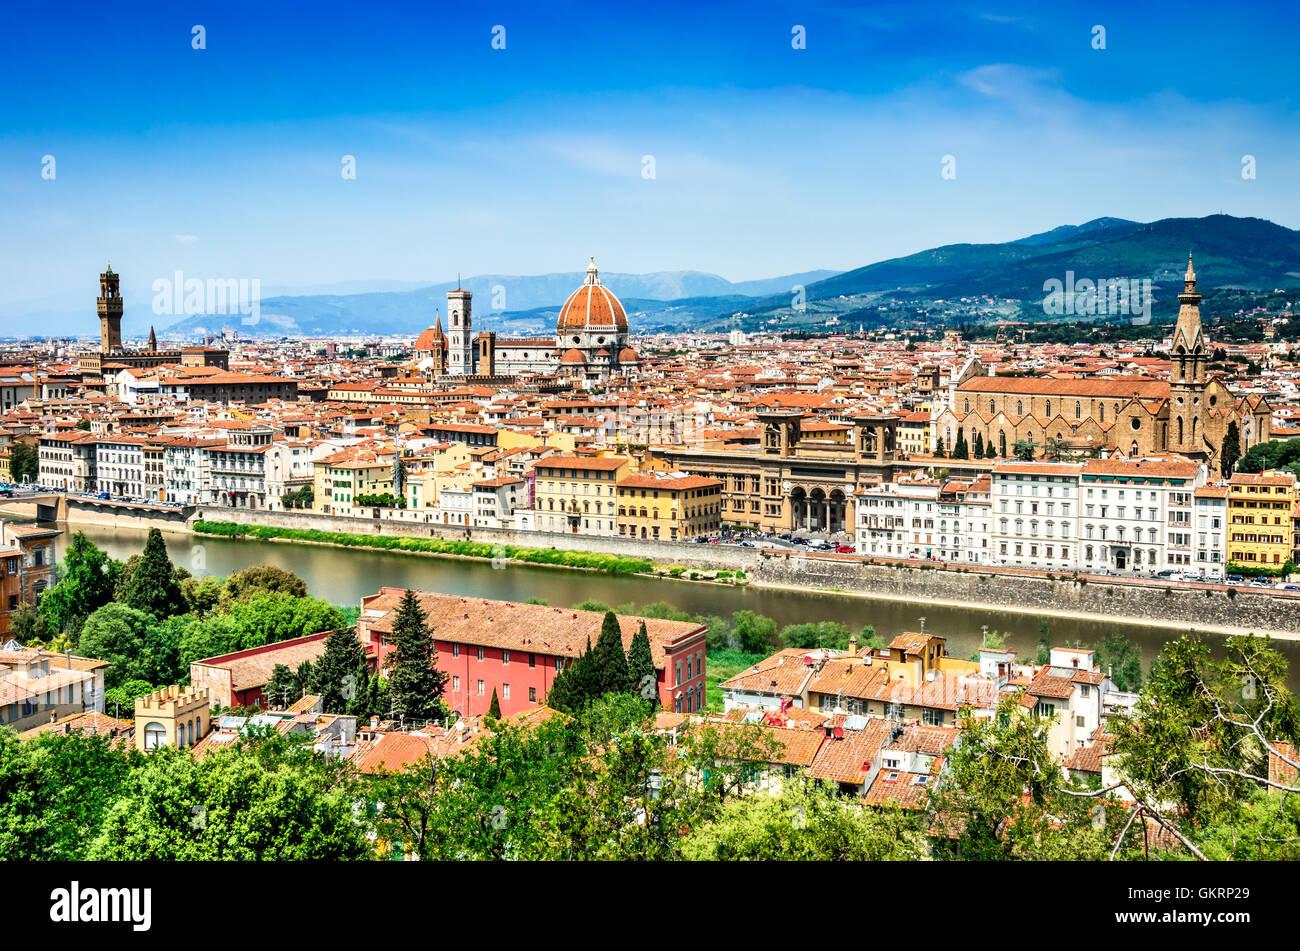 Firenze, Italia. Estate cityscape di città italiana a Firenze, principale città culturali della Toscana. Immagini Stock